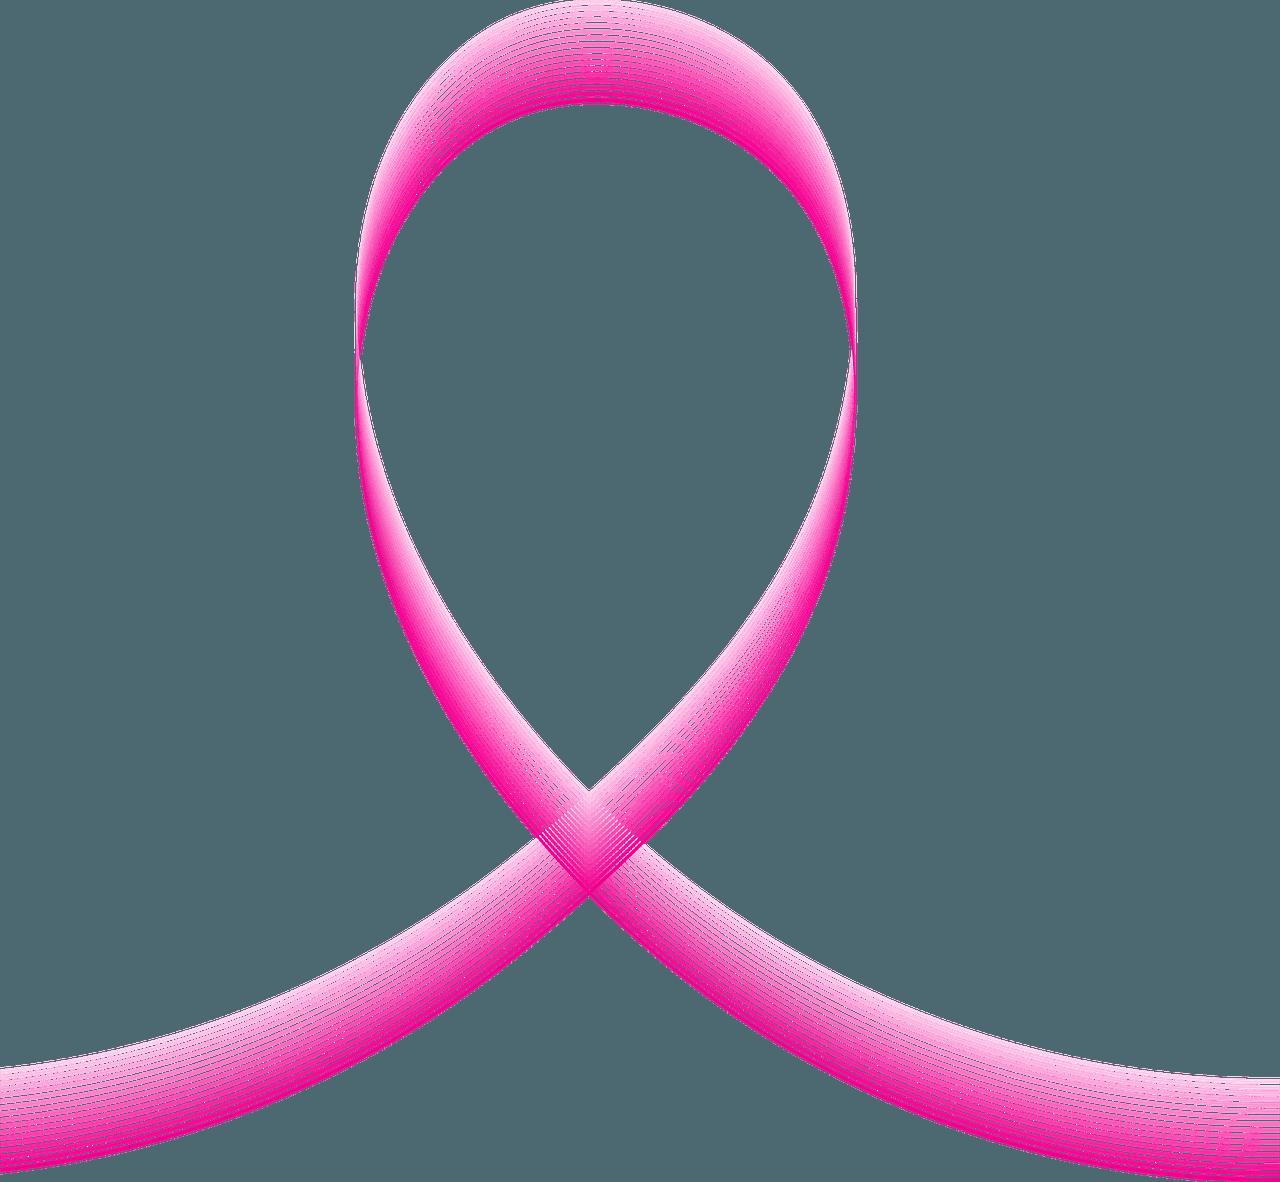 Reale Emanzipation – Brustkrebs betrifft alle auf mond-blog.de